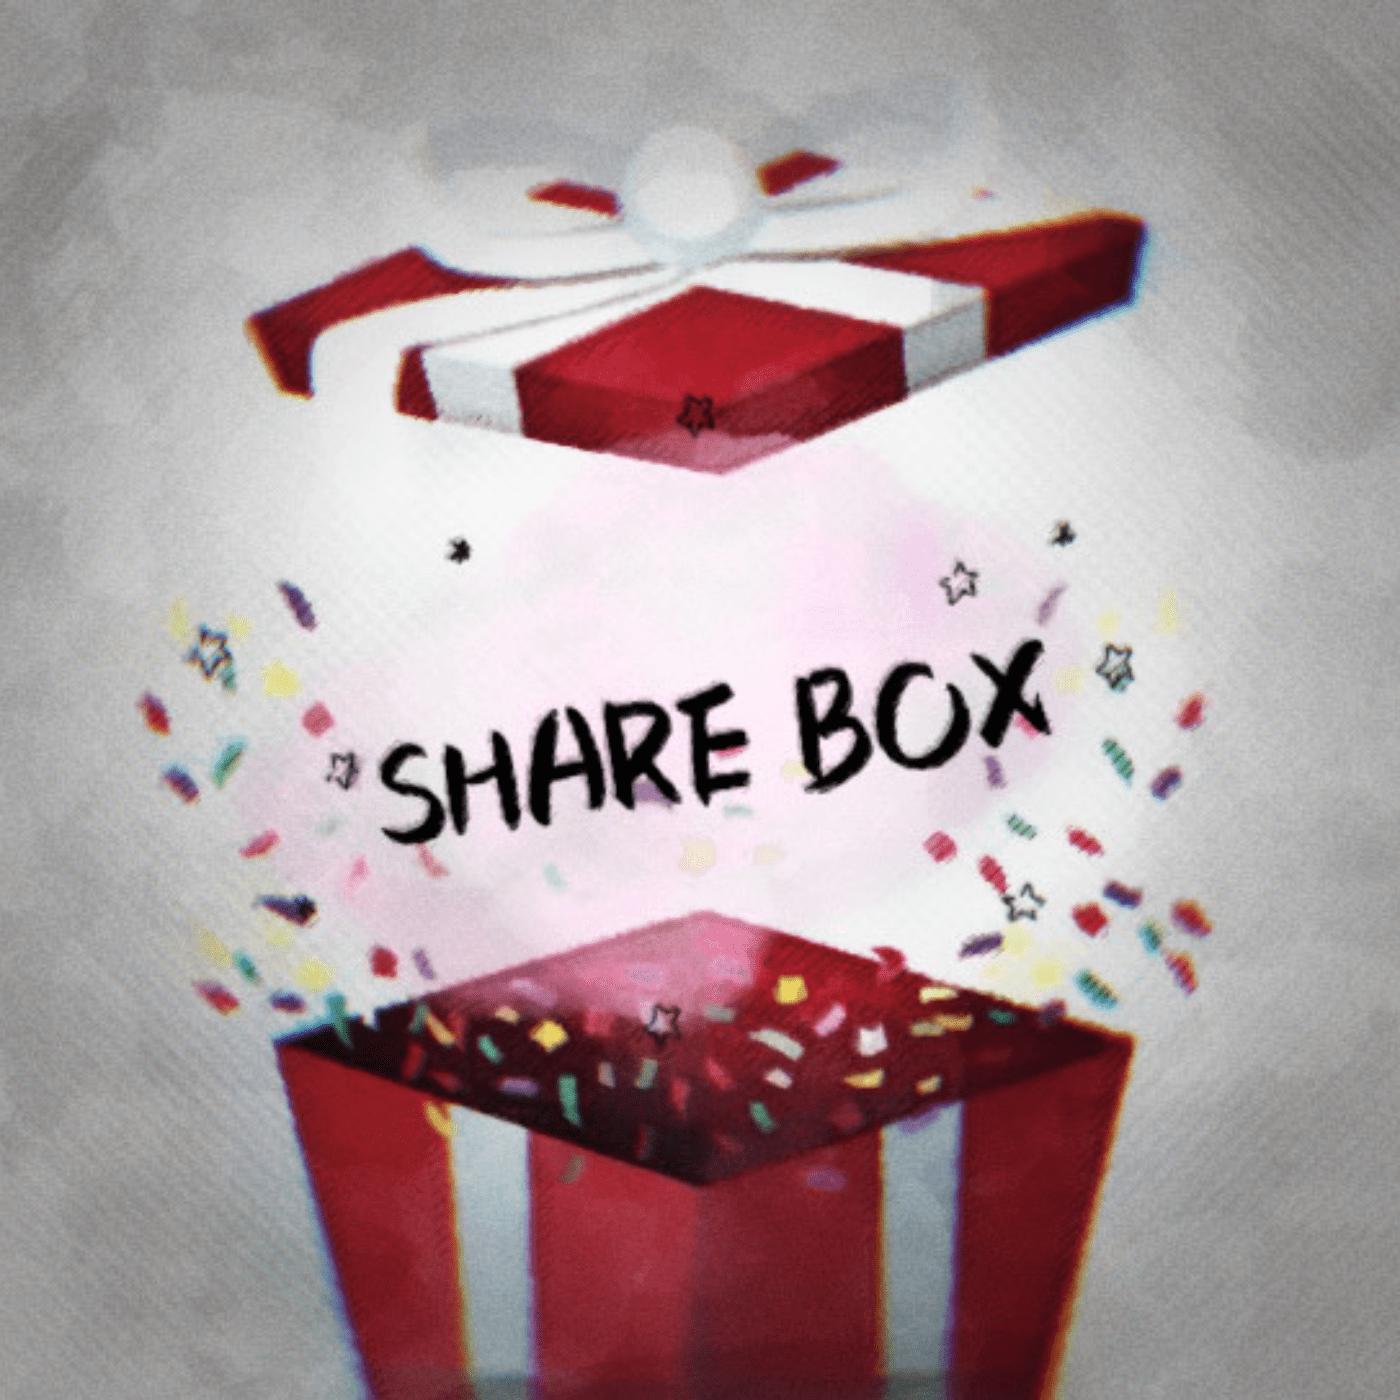 Share Box - Jean Yu